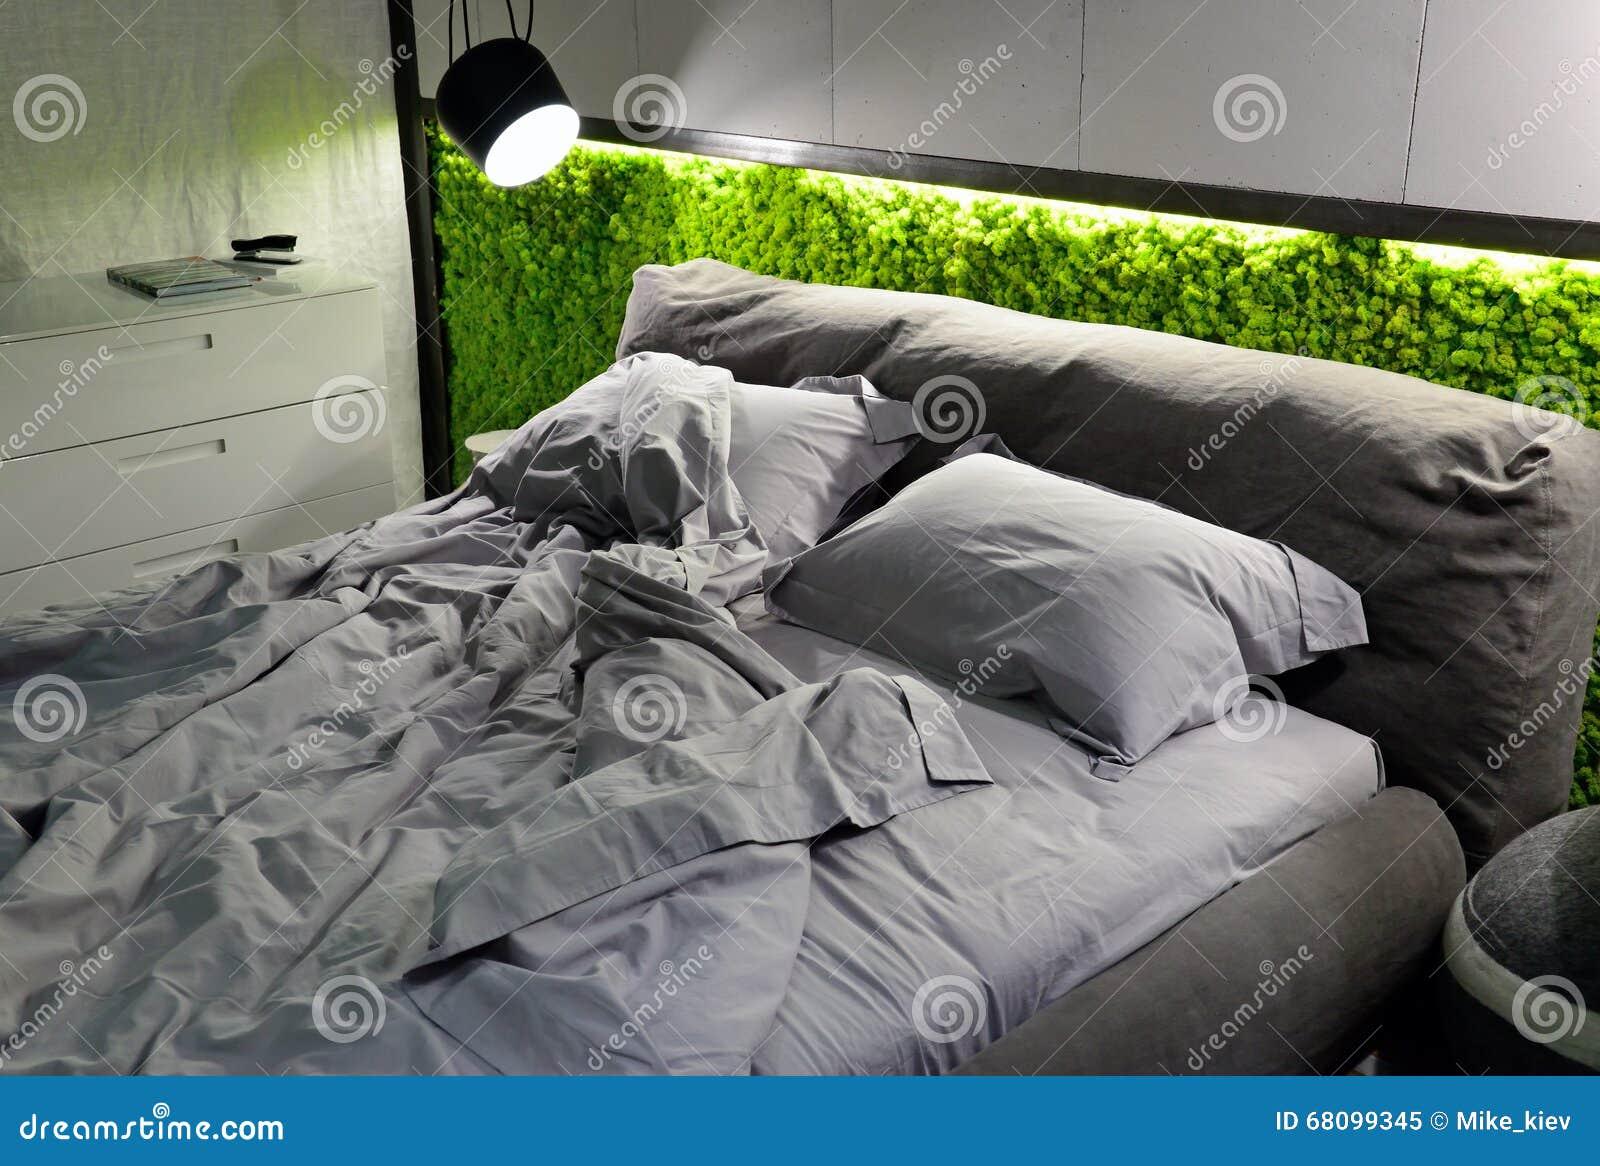 Eco-friendly Bedroom Stock Photo